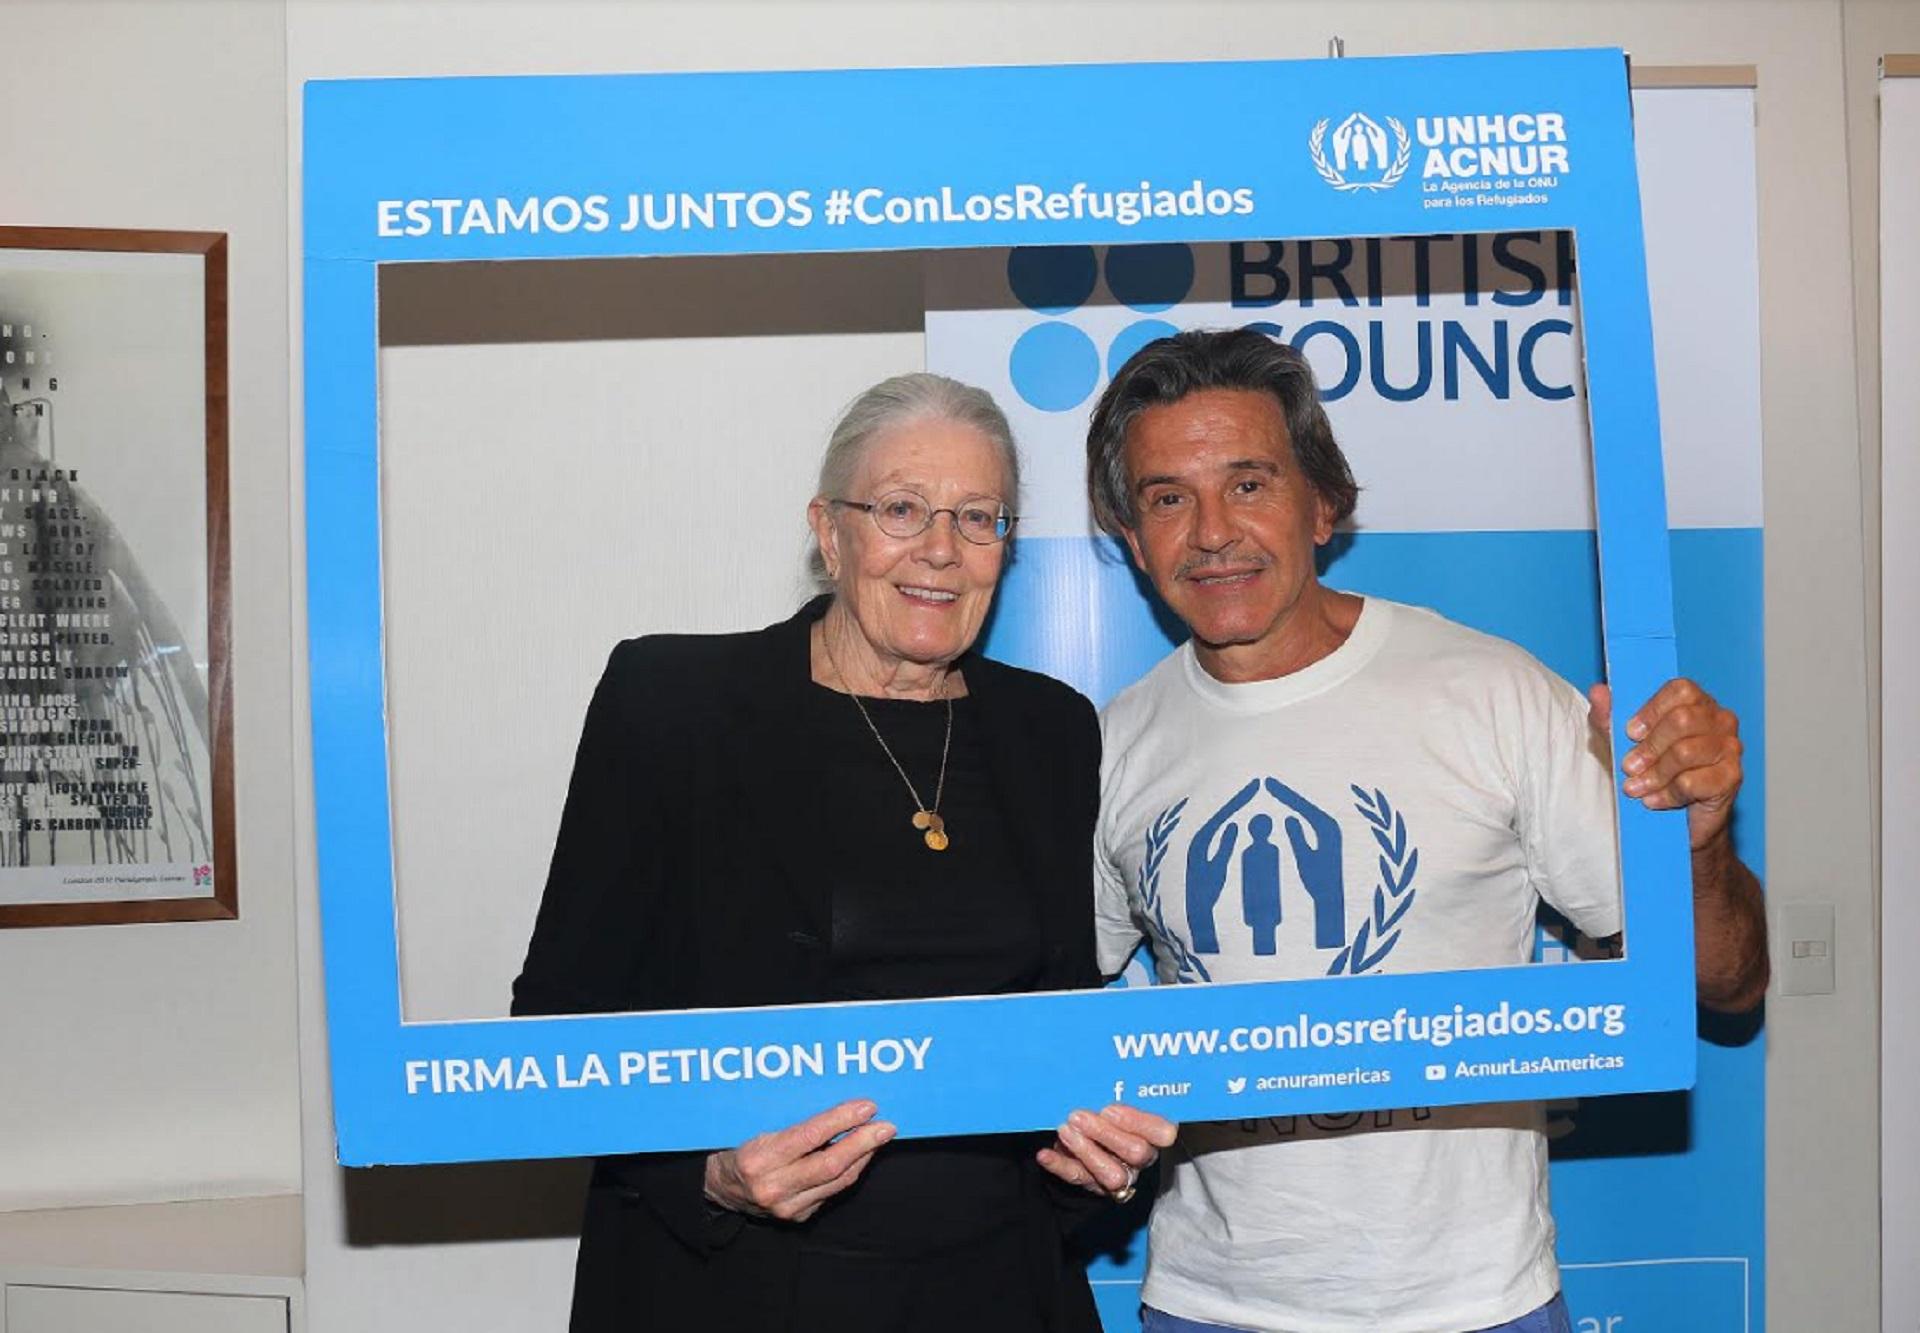 Osvaldo Laport ( Embajador de ACNUR ) y la actriz británica Vanessa Redgrave ( Embajadora de Buena Voluntad de UNICEF ) compartieron sus experiencias con los refugiados en una charla con periodistas (Crédito: Verónica Guerman/Teleshow)